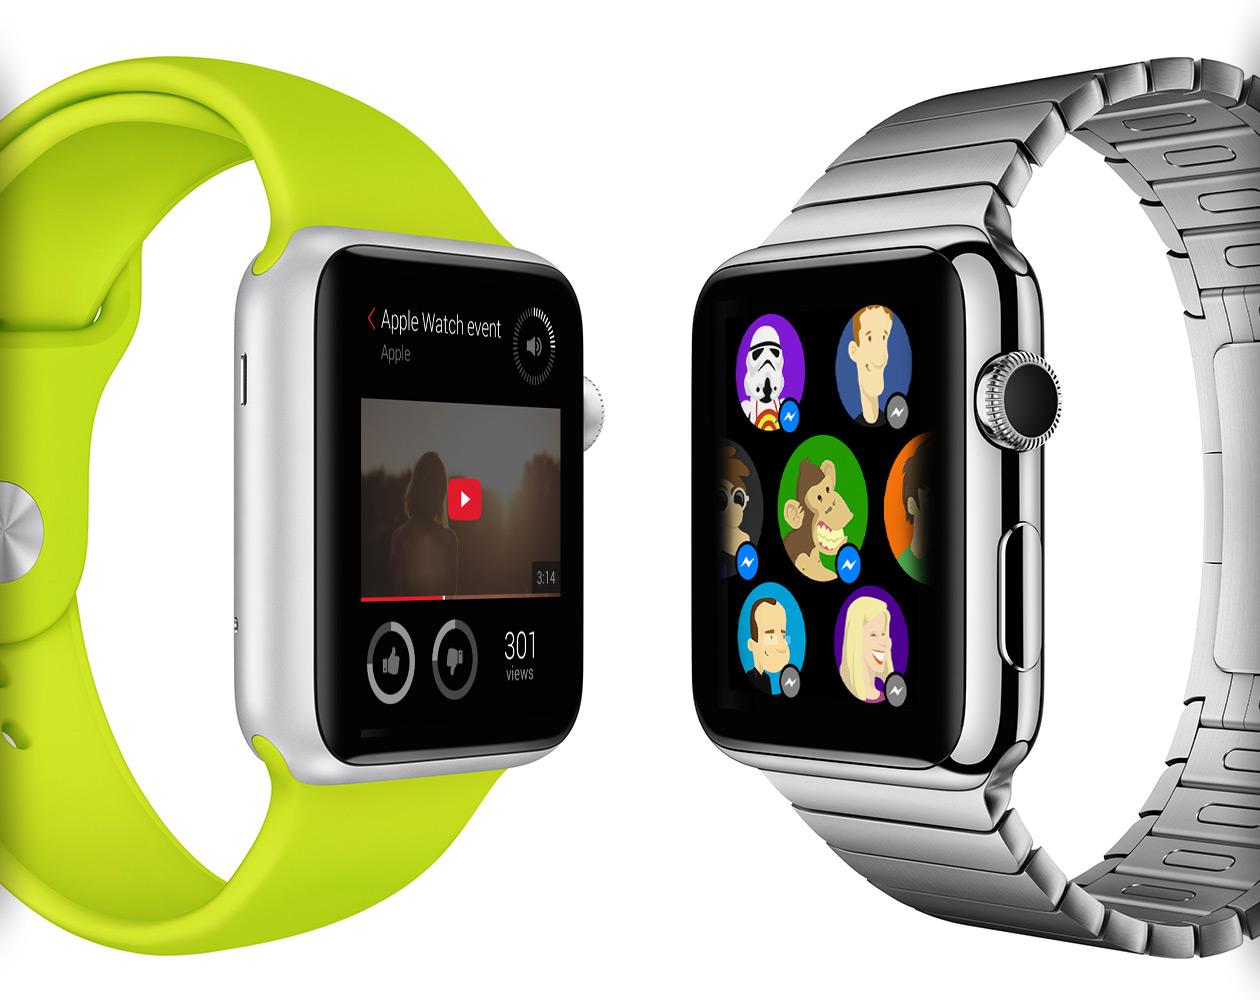 Apple Watch: Как будут выглядеть популярные iOS-программы на вашем запястье